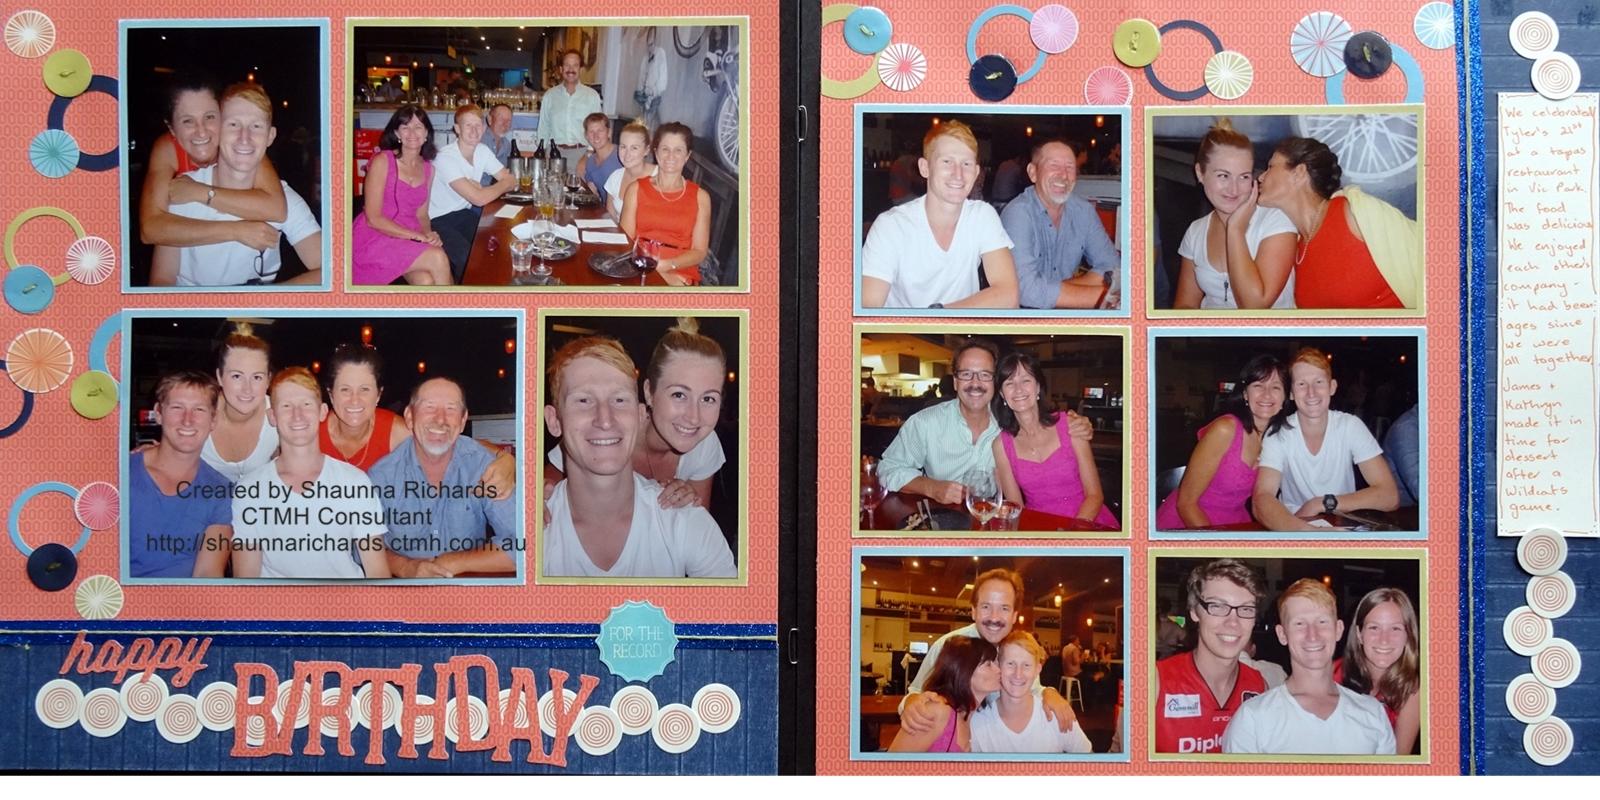 Feb blogs 8x4 - Page 002